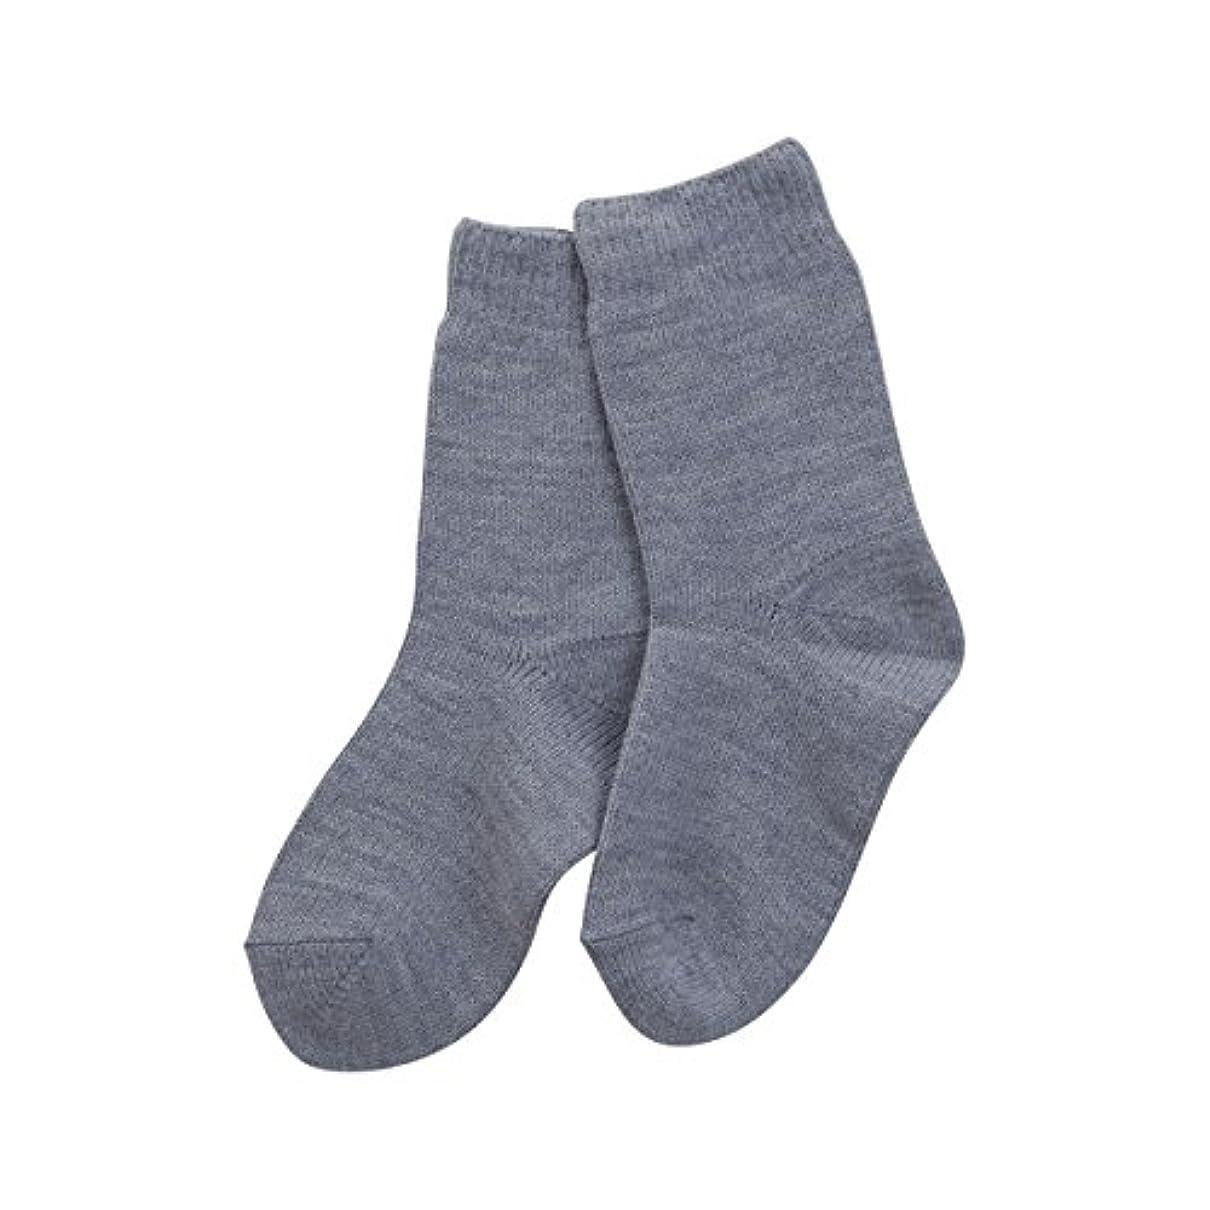 振幅アーカイブ恥ずかしさ(コベス) KOBES ゴムなし 毛混 超ゆったり特大サイズ 大きいサイズ 靴下 日本製 婦人靴下